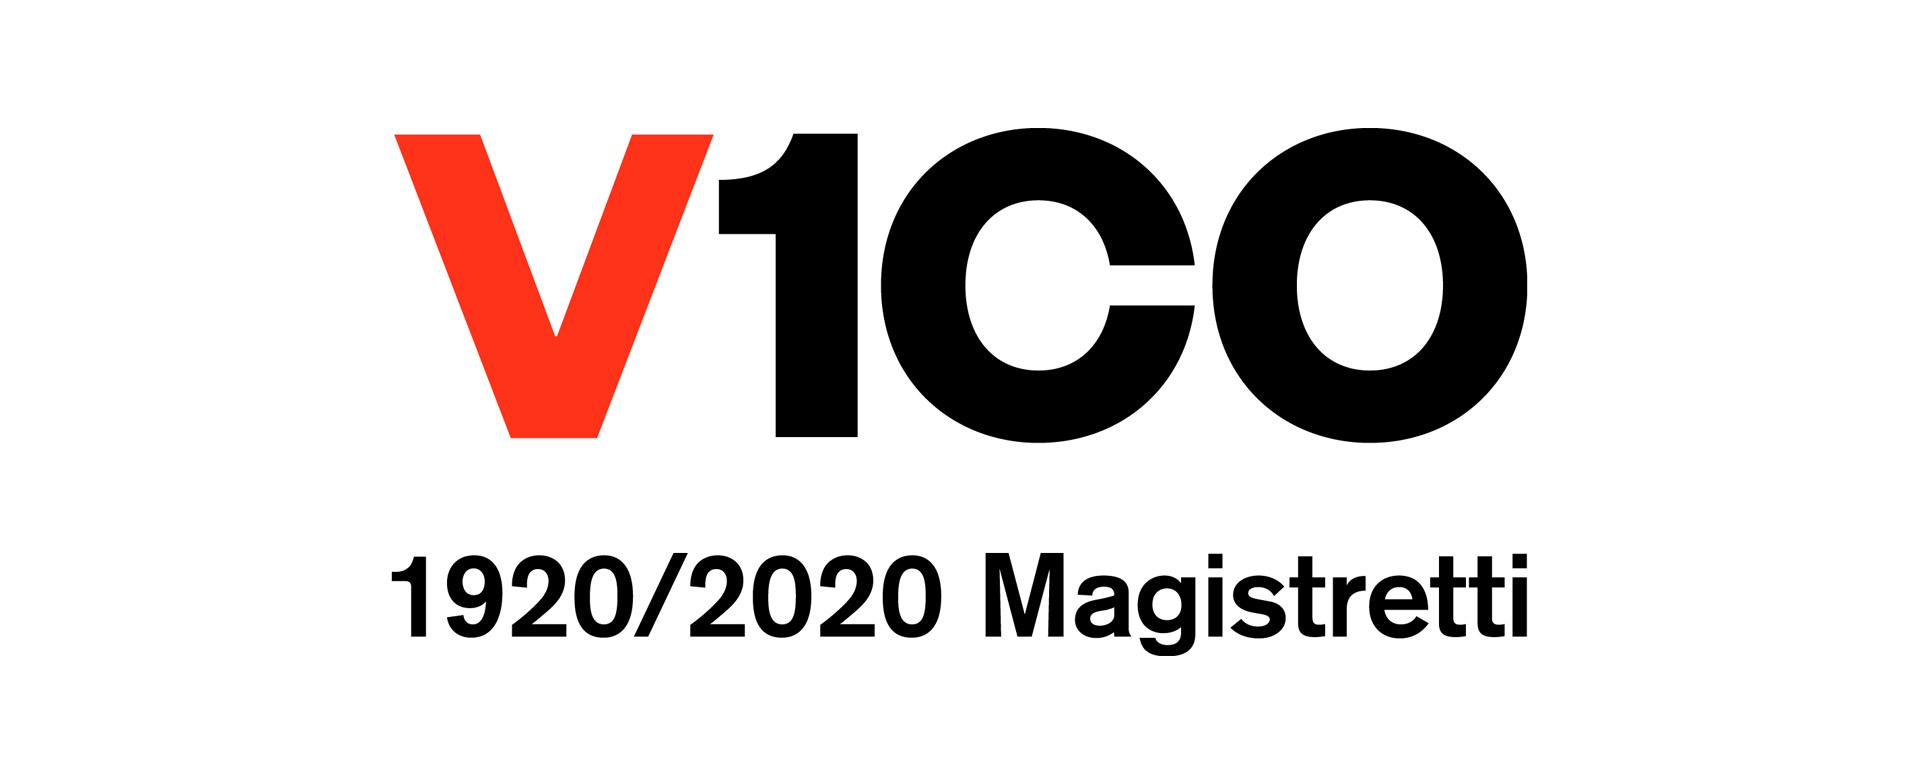 100 anni di Vico Magistretti